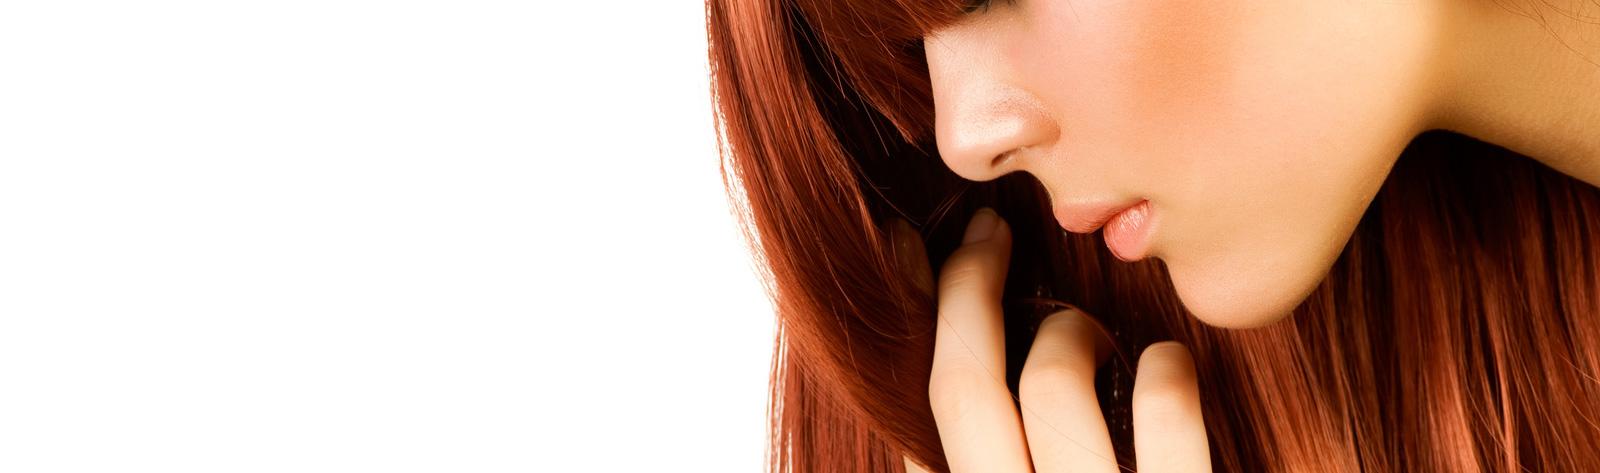 Piękny nos bez skalpela